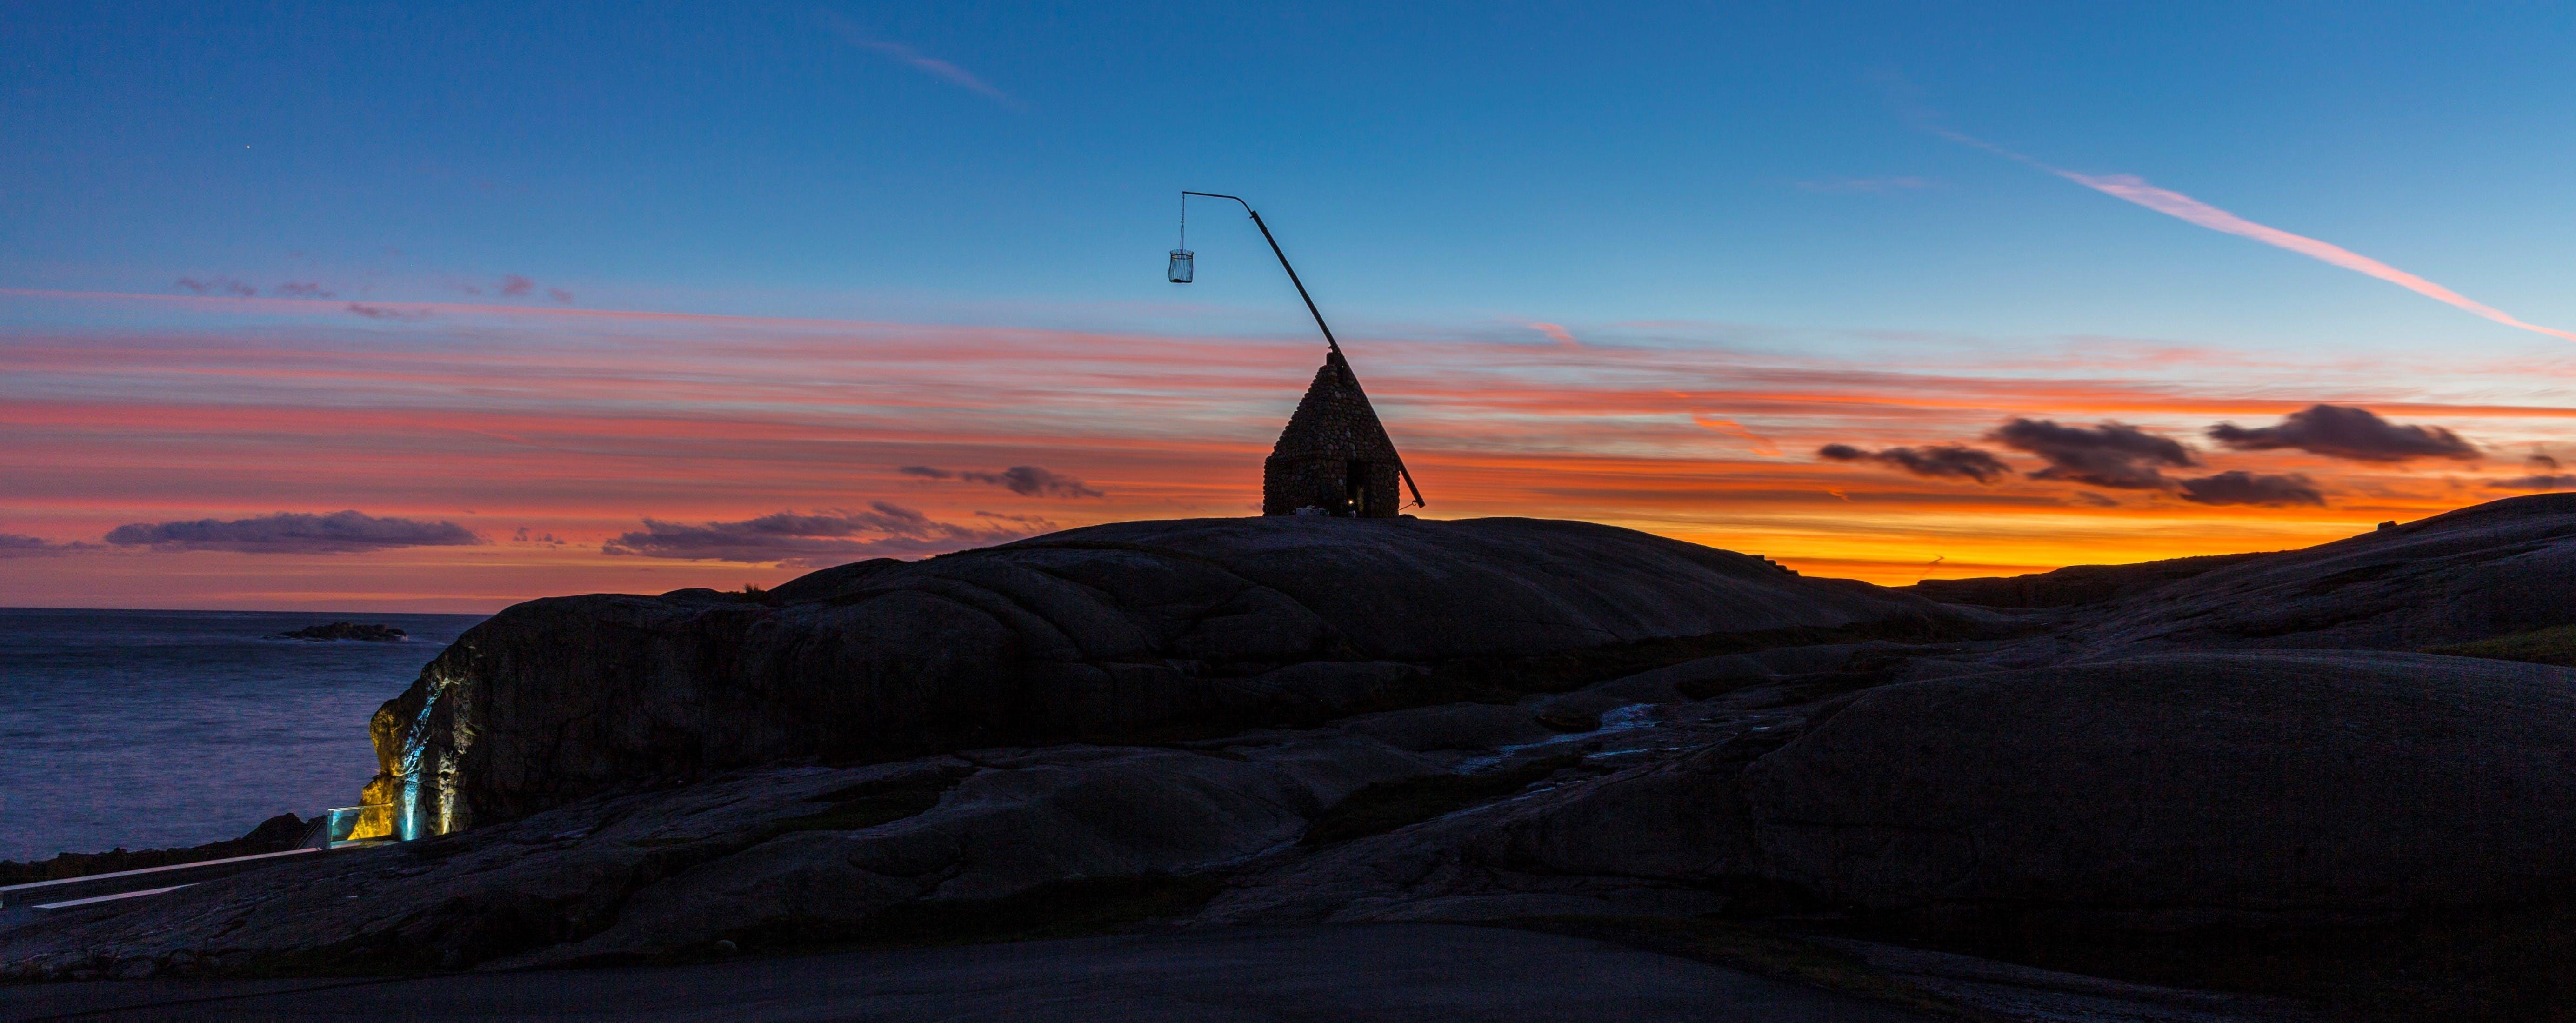 Free stock photo of colors, lighthouse, orange skies, sunset